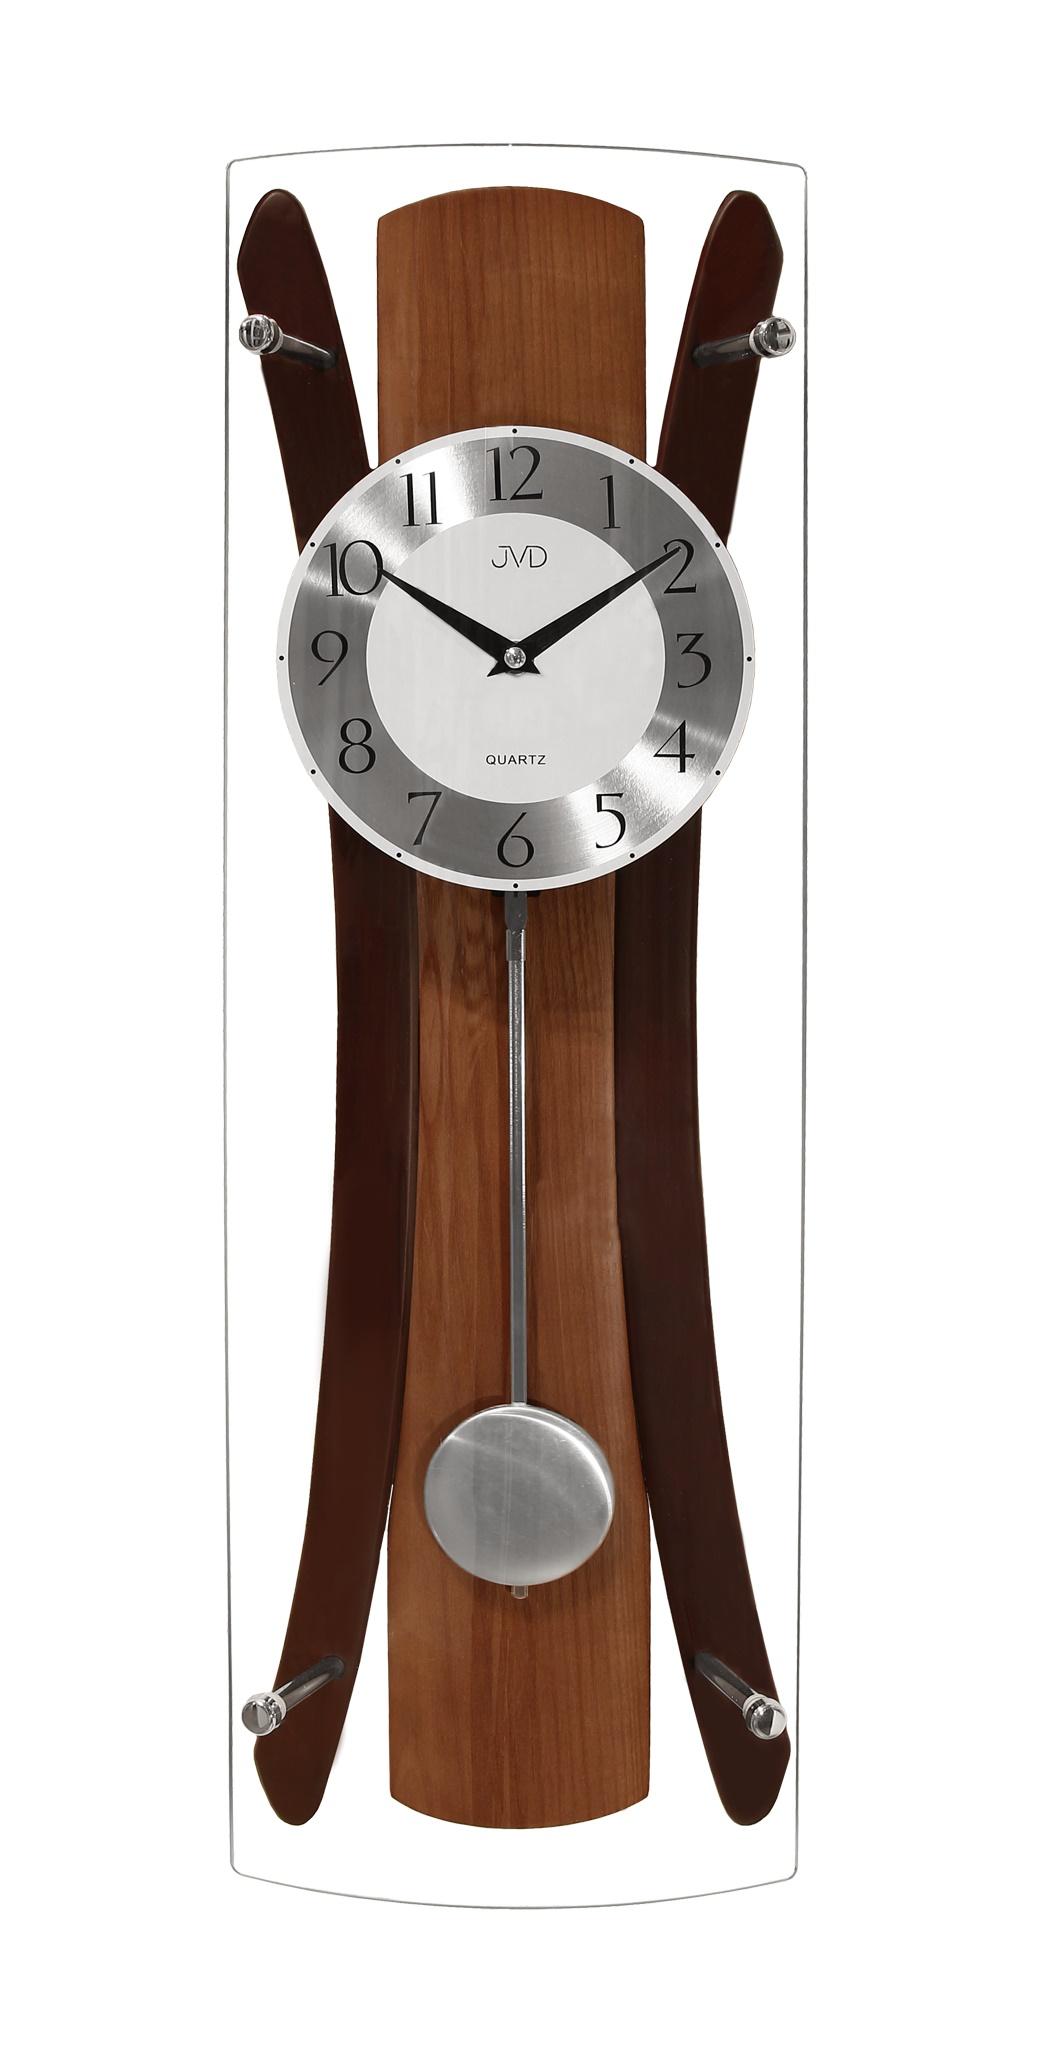 Kyvadlové dřevěné skleněné nástěnné hodiny JVD N16022/11 (POŠTOVNÉ ZDARMA!!)